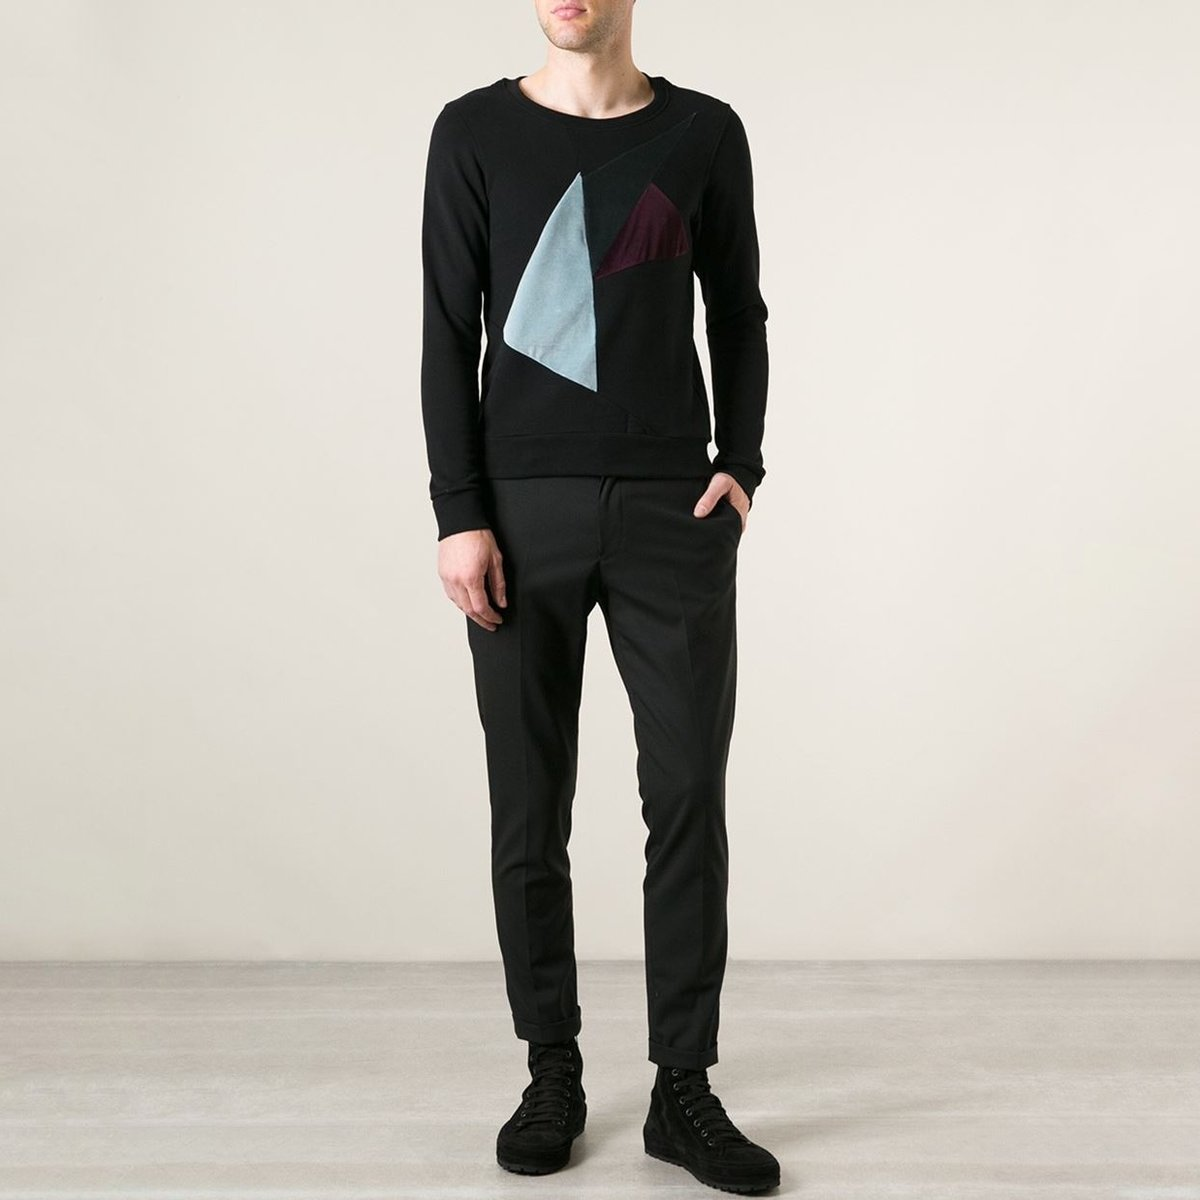 christian-pellizzari-black-multicolour-velvet-inserts-sweater-product-1-24745345-4-065160377-n...jpg